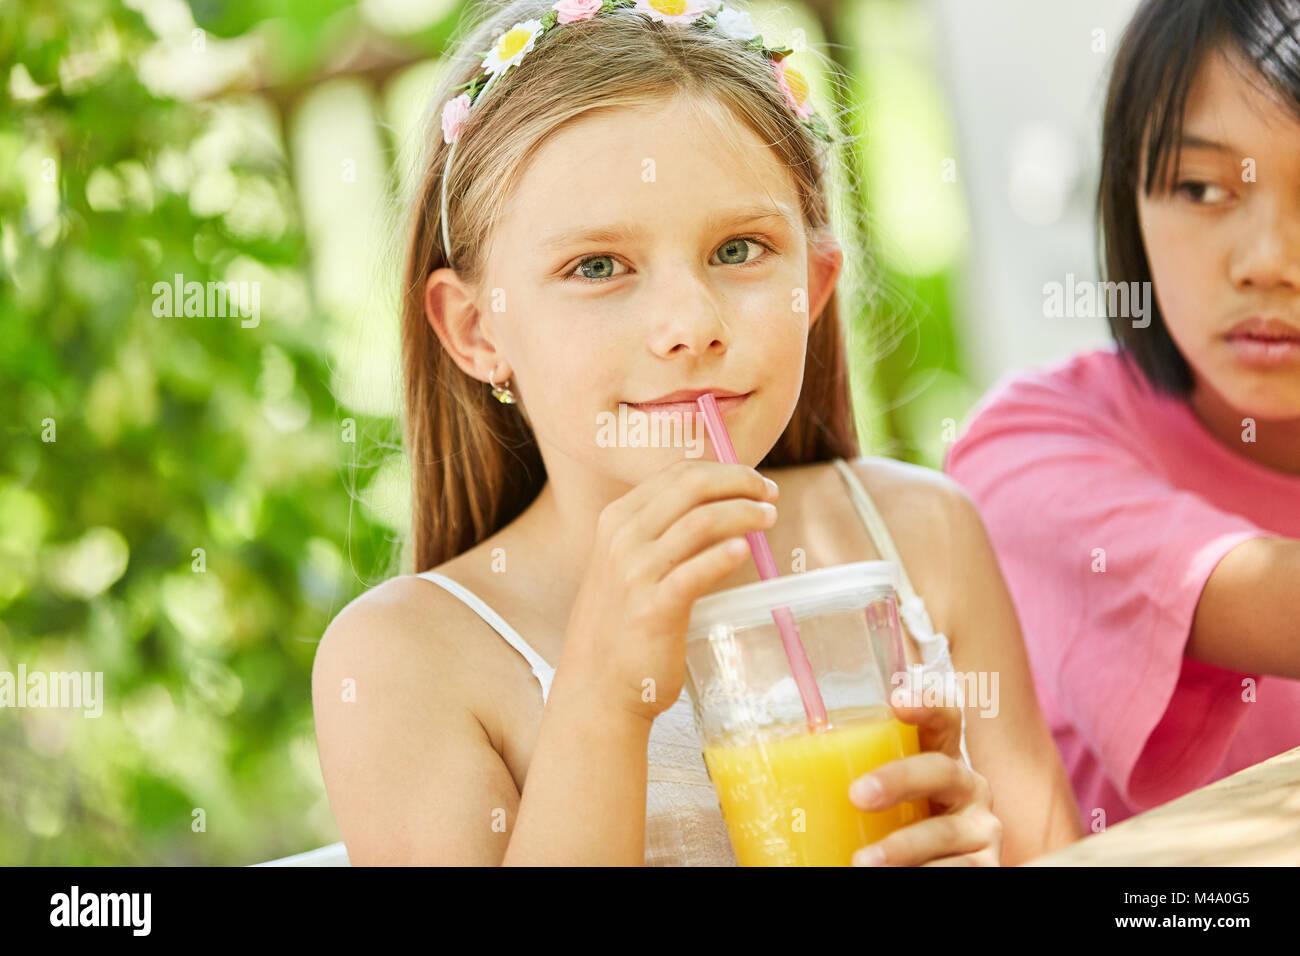 Girl boissons jus d'orange avec une paille pour le petit déjeuner Photo Stock